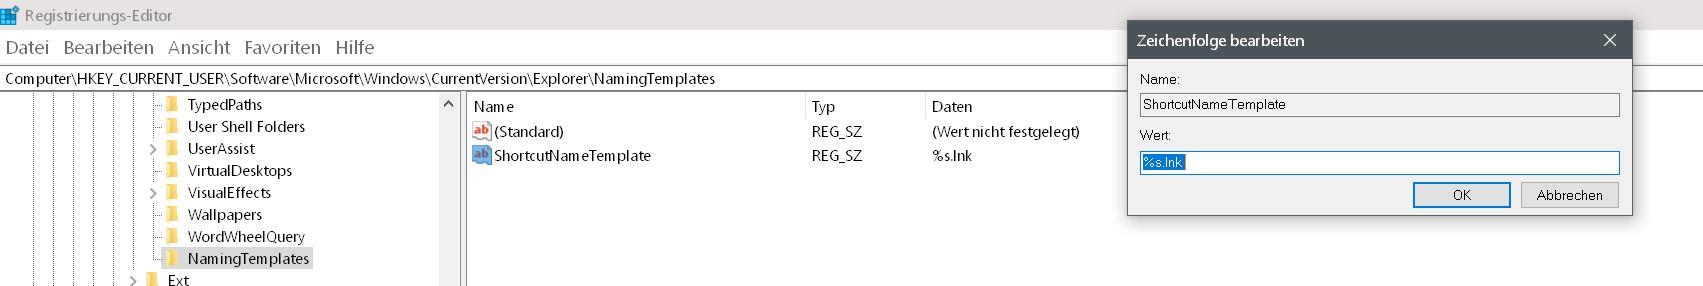 """wert eingegeben - Windows 10 Den Zusatz """"Verknüpfung"""" entfernen auf dem Desktop"""